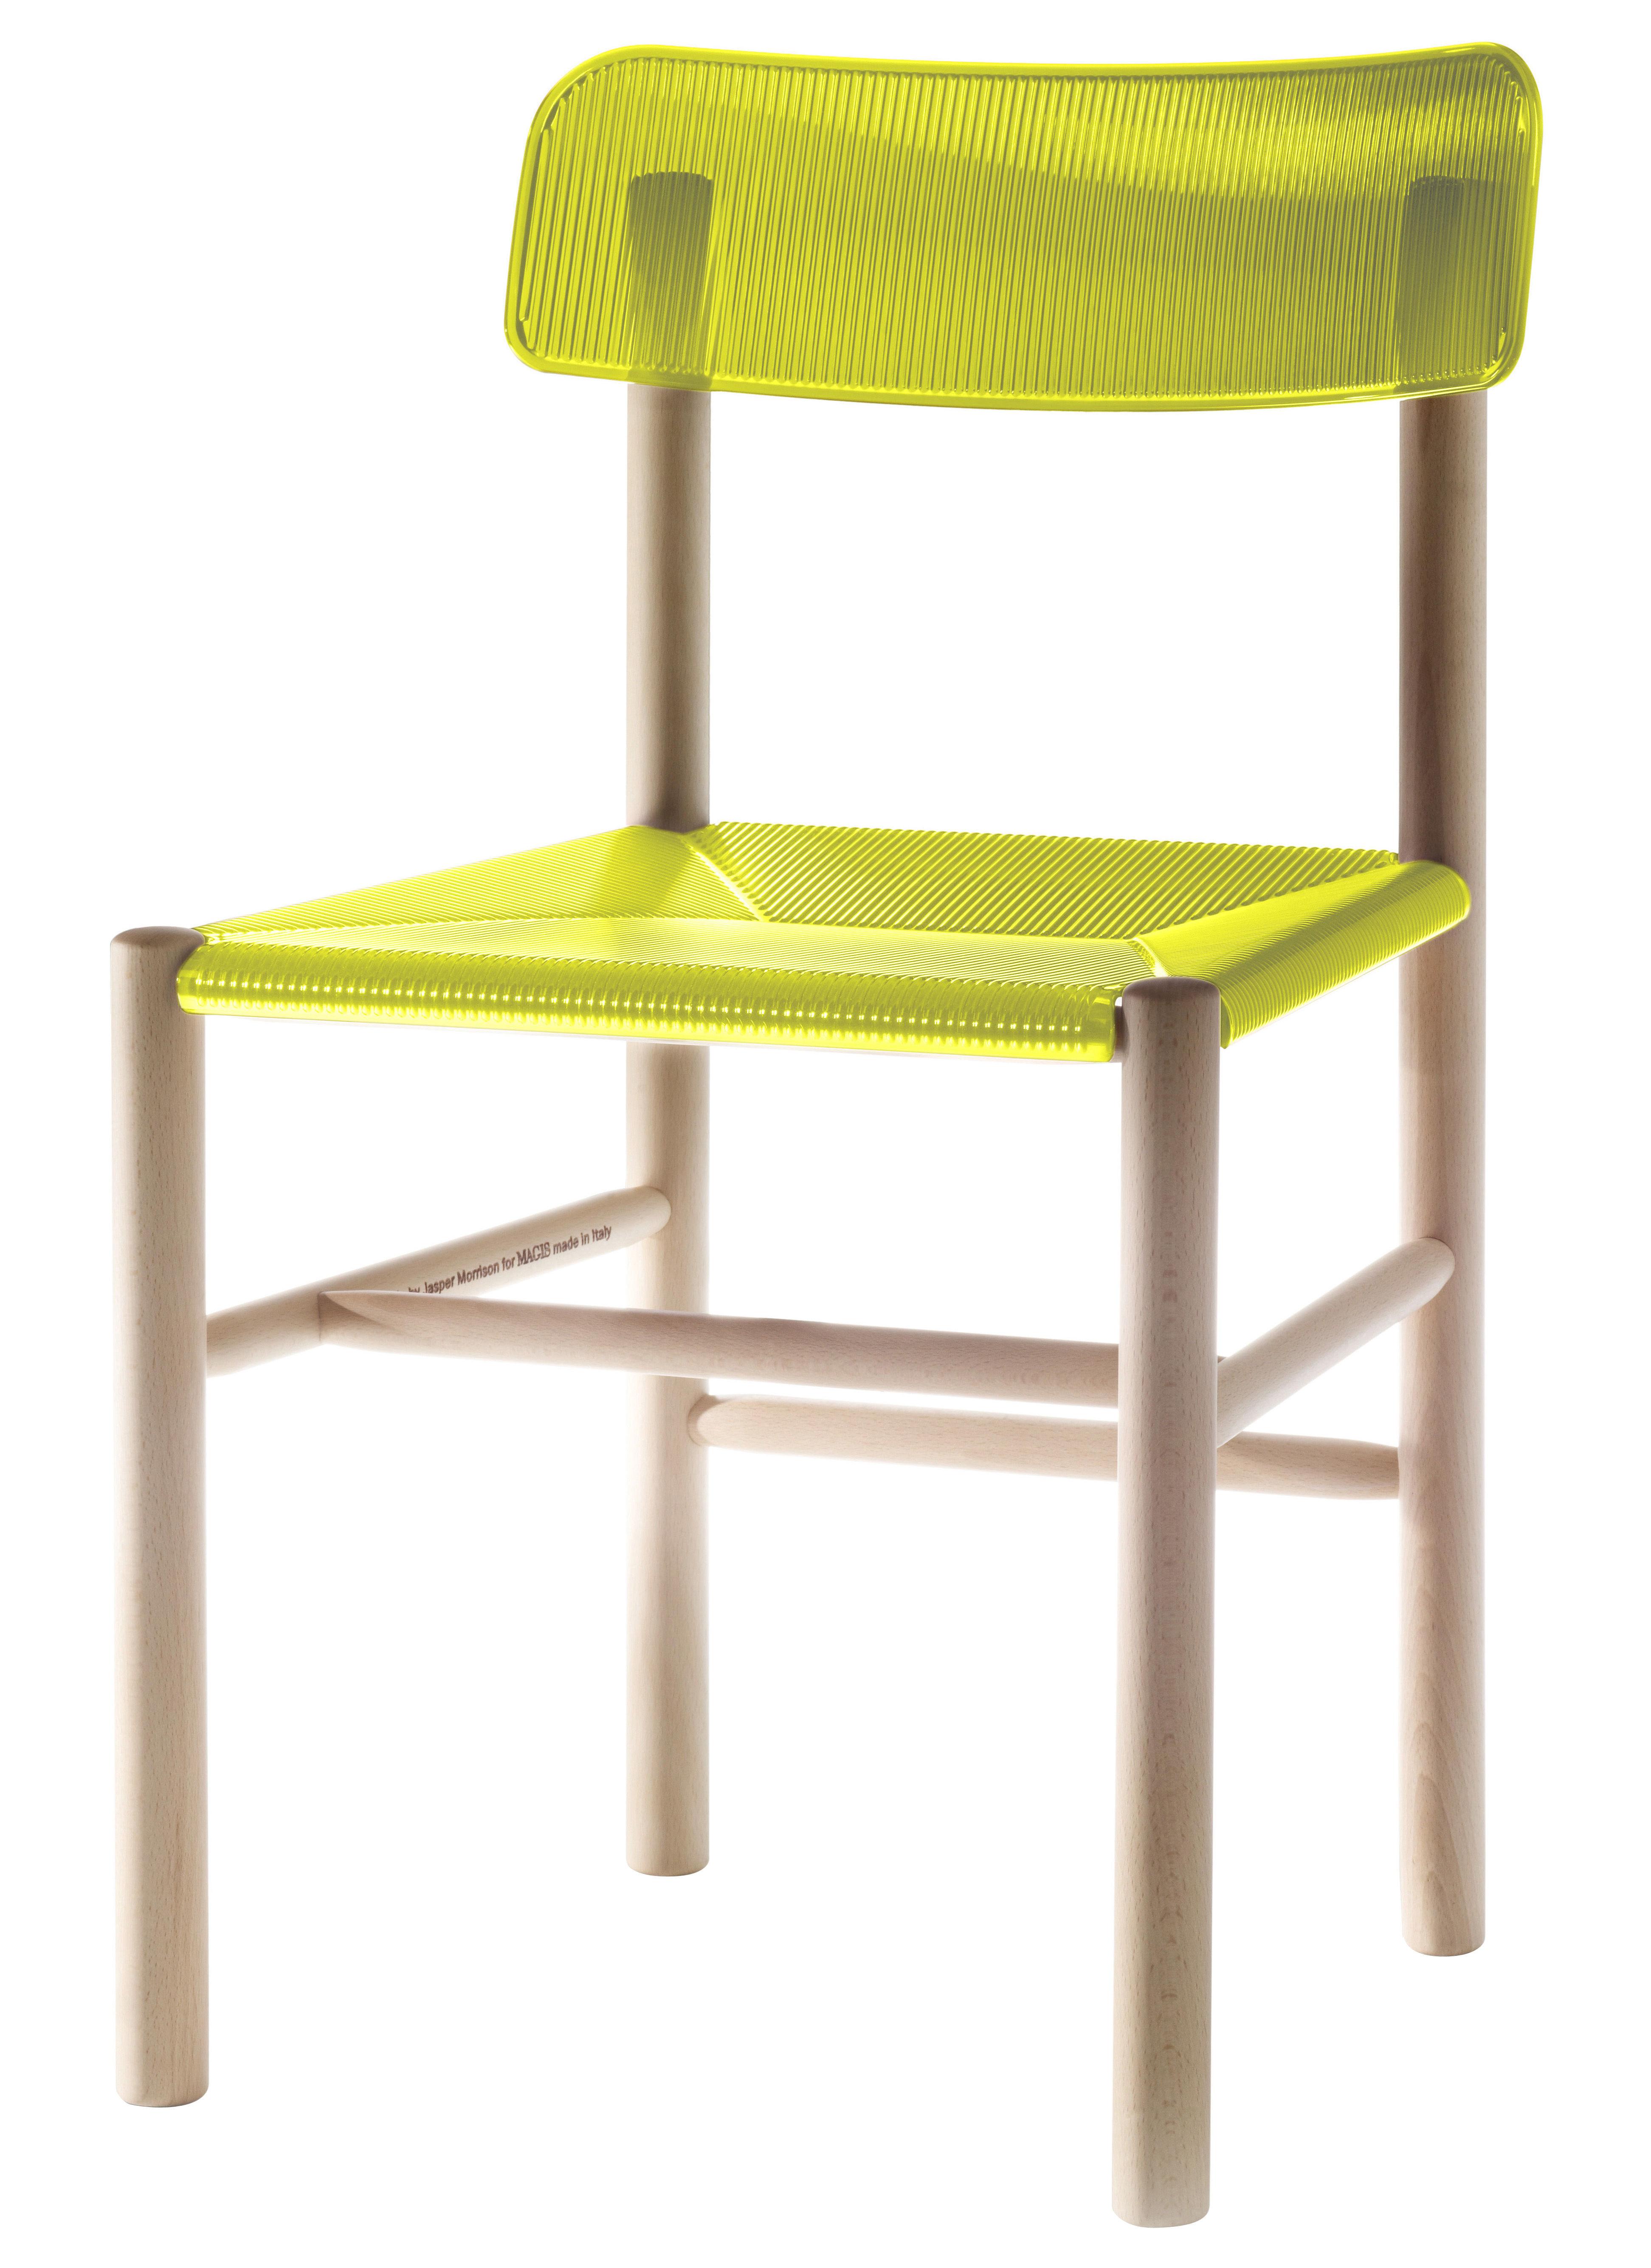 Chaise trattoria chair plastique bois jaune magis for Chaise plastique bois